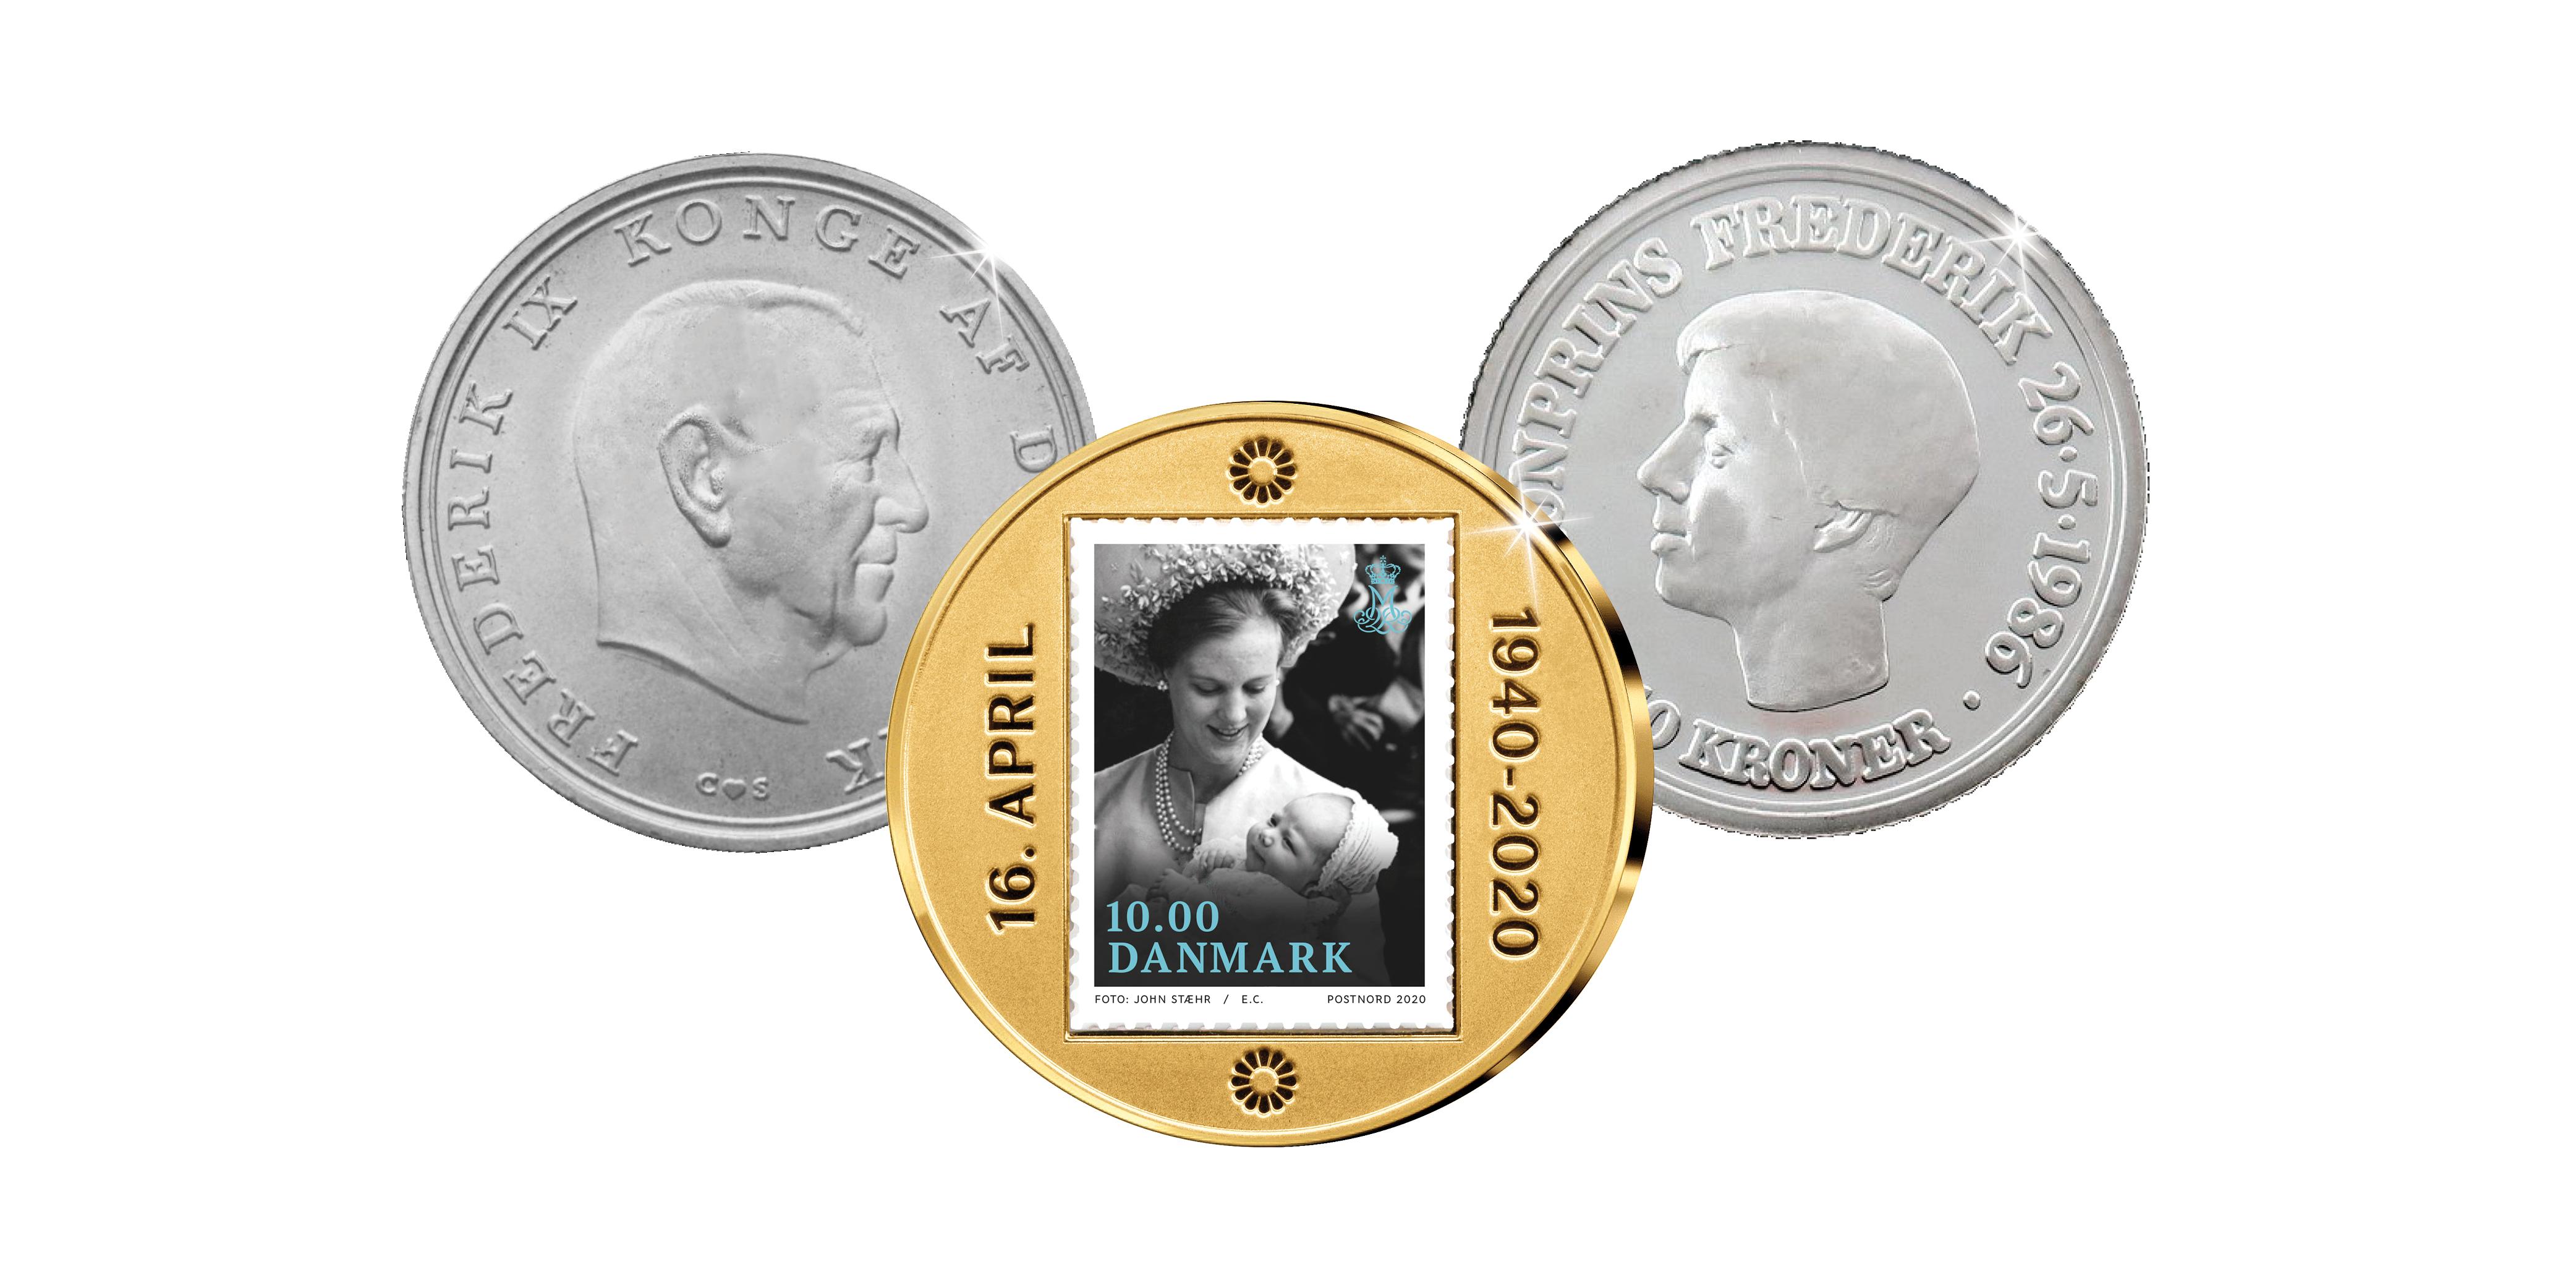 5-krone 1968 fra Kronprinsens fødselsår. 10-krone 1986 den sidste 10 kr. erindringsmønt udstedt i Danmark og hidtil eneste danske mønt, som portrætterer kronprins Frederik alene. Kronprins Frederiks dåb i 1968. Vores populære jubilæumsmedaljebelagt med 24 karat guld.